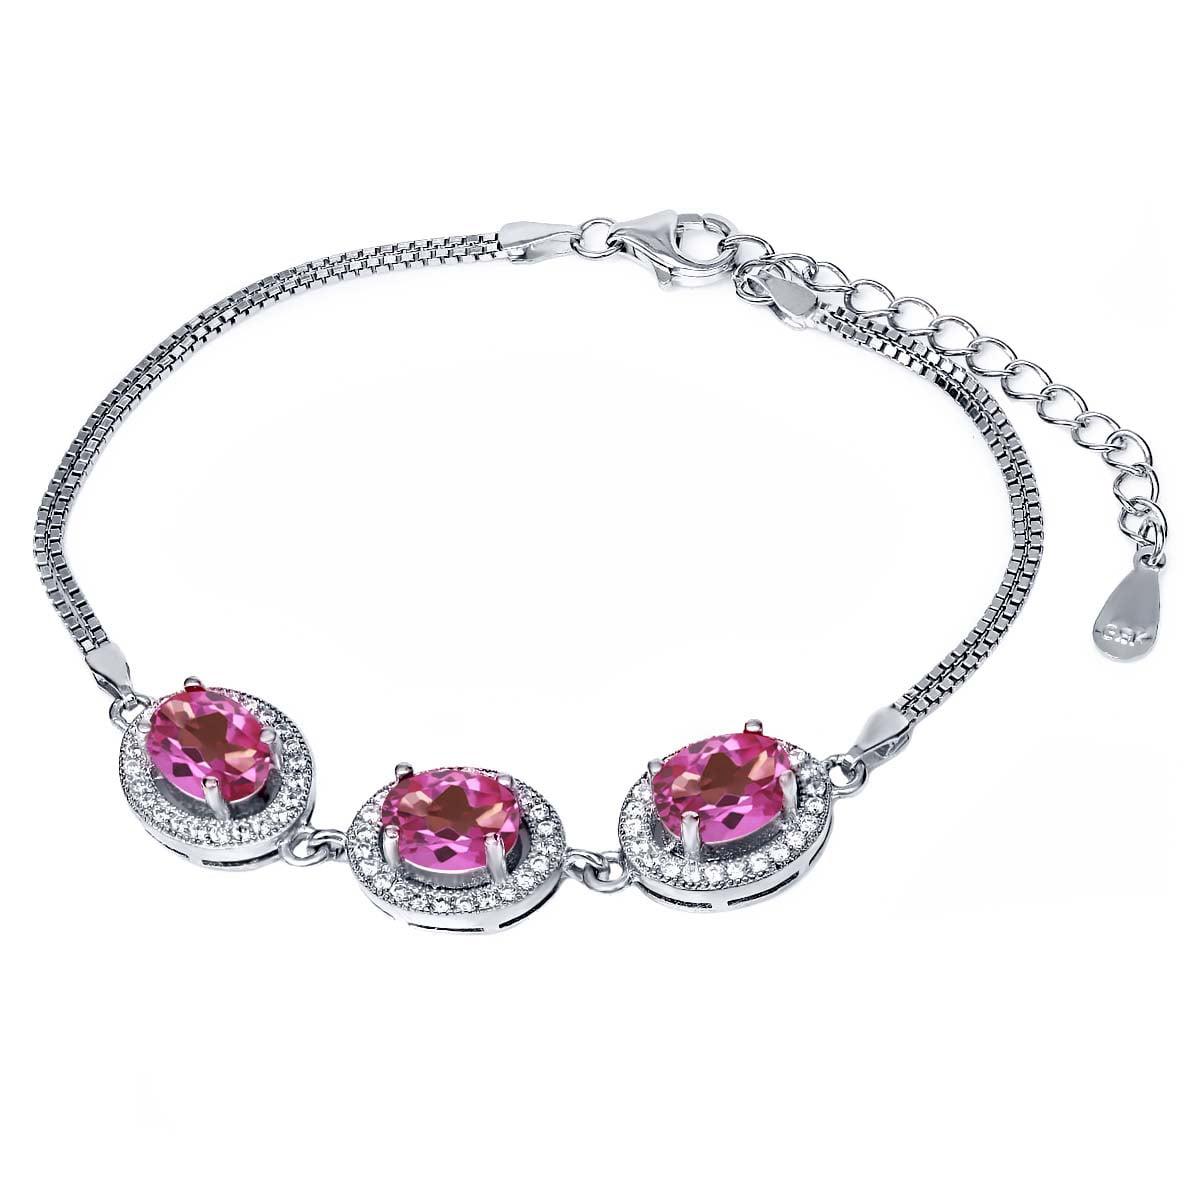 9.55 Ct Oval Pink Mystic Topaz 925 Sterling Silver Bracelet by